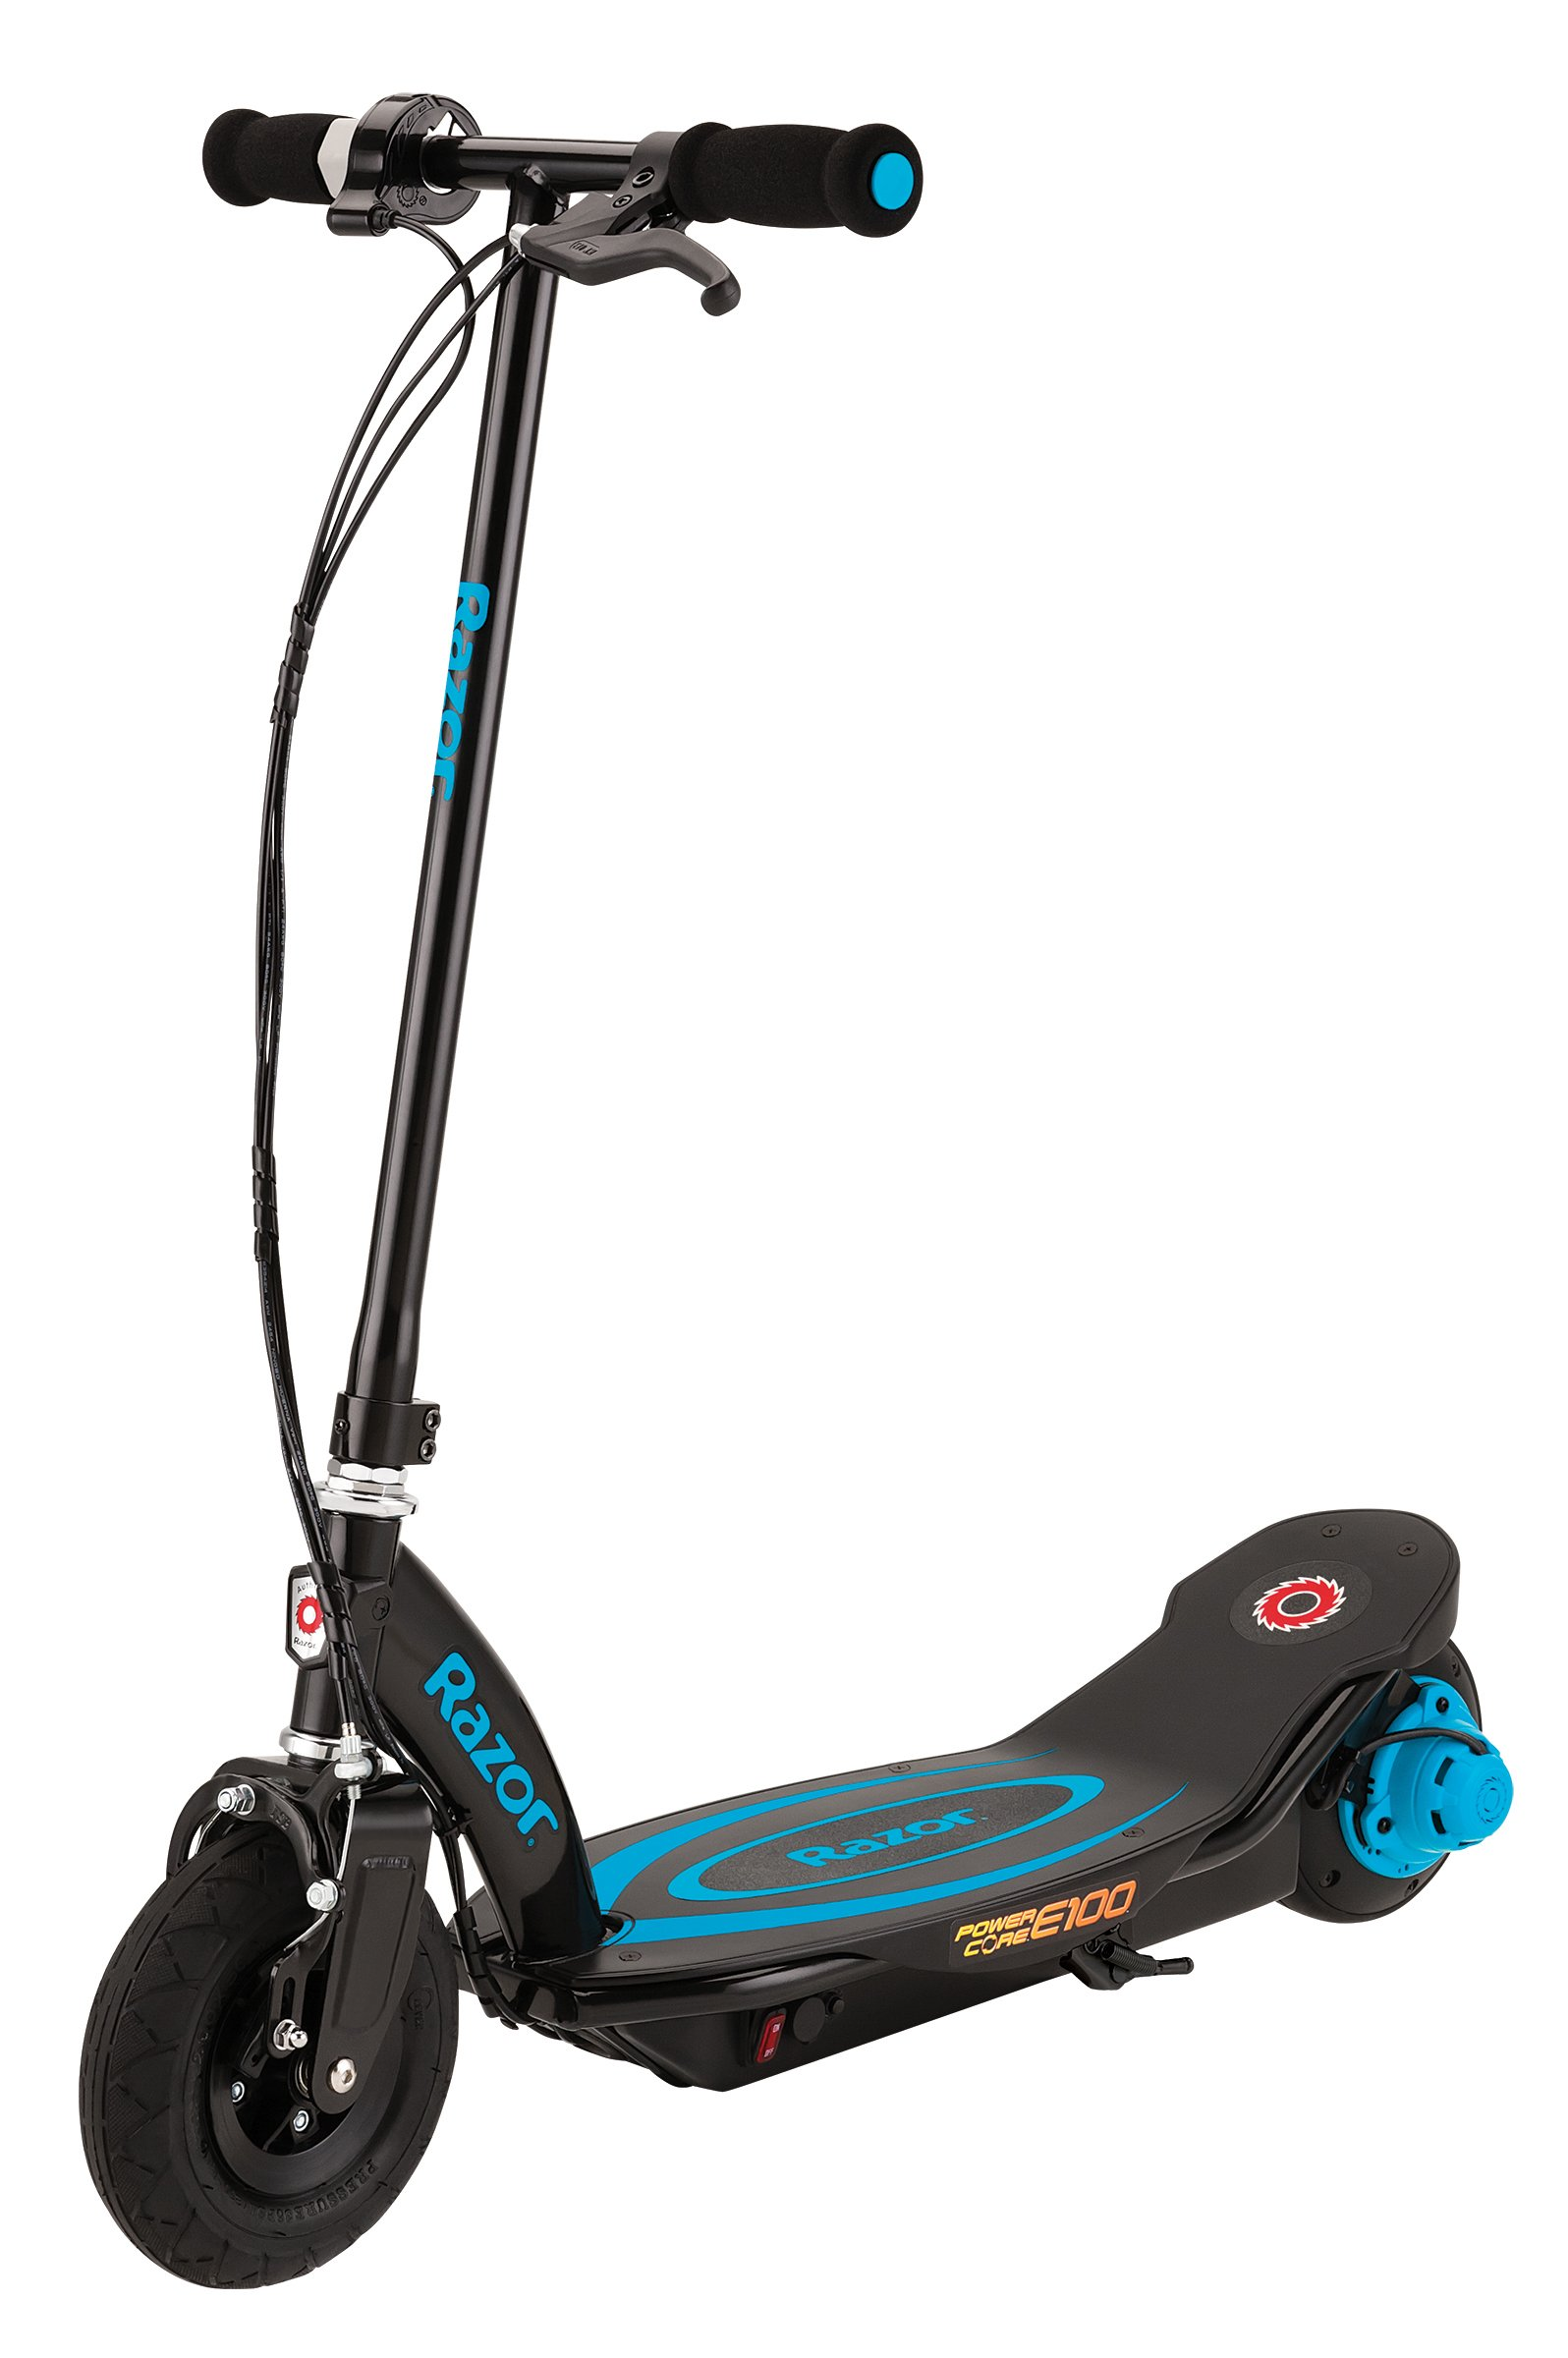 Razor 13111243 Power Core E100 Electric Scooter, Blue by Razor